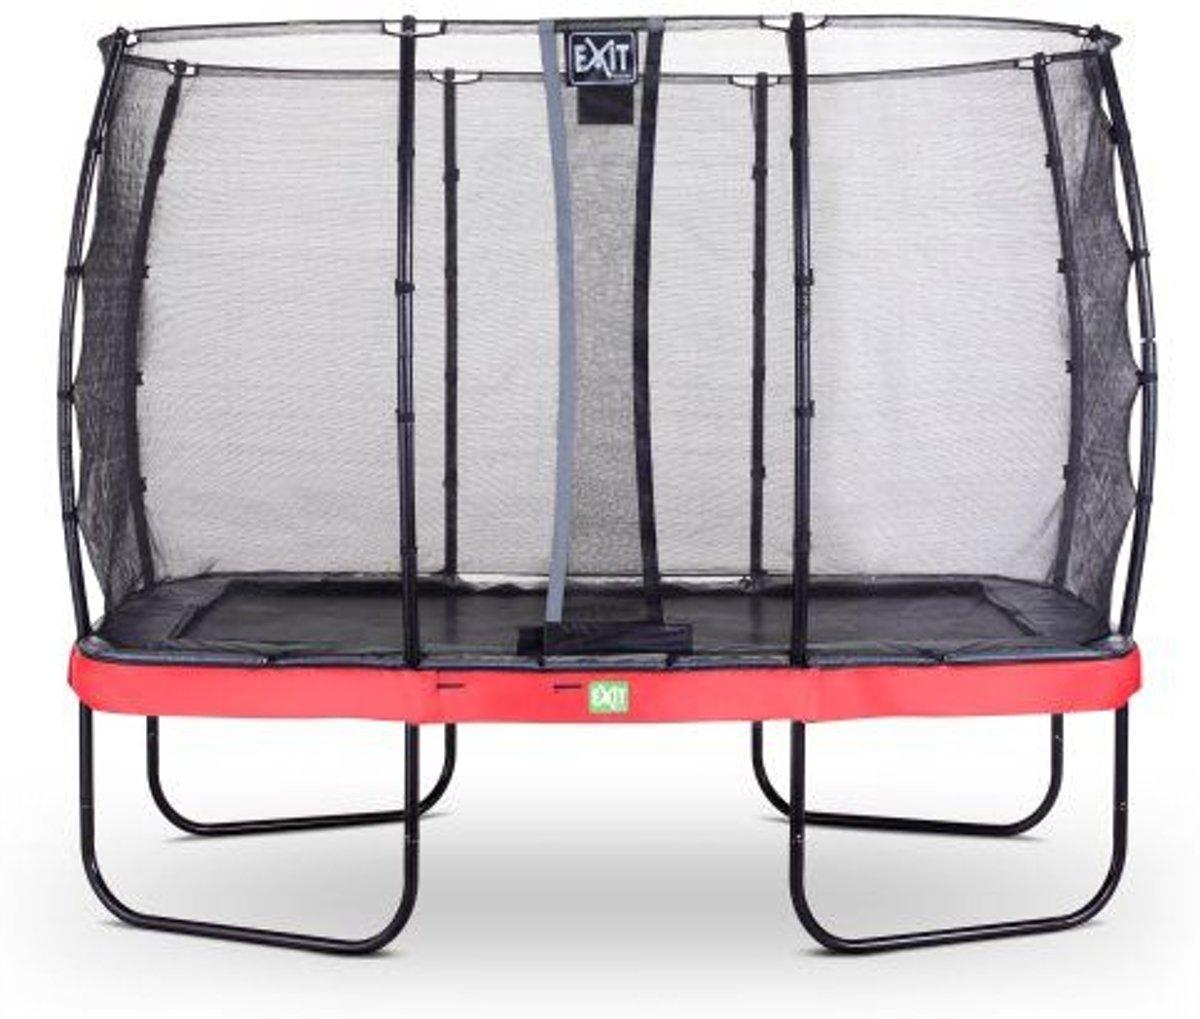 EXIT Elegant trampoline 214x366cm met net Deluxe - rood